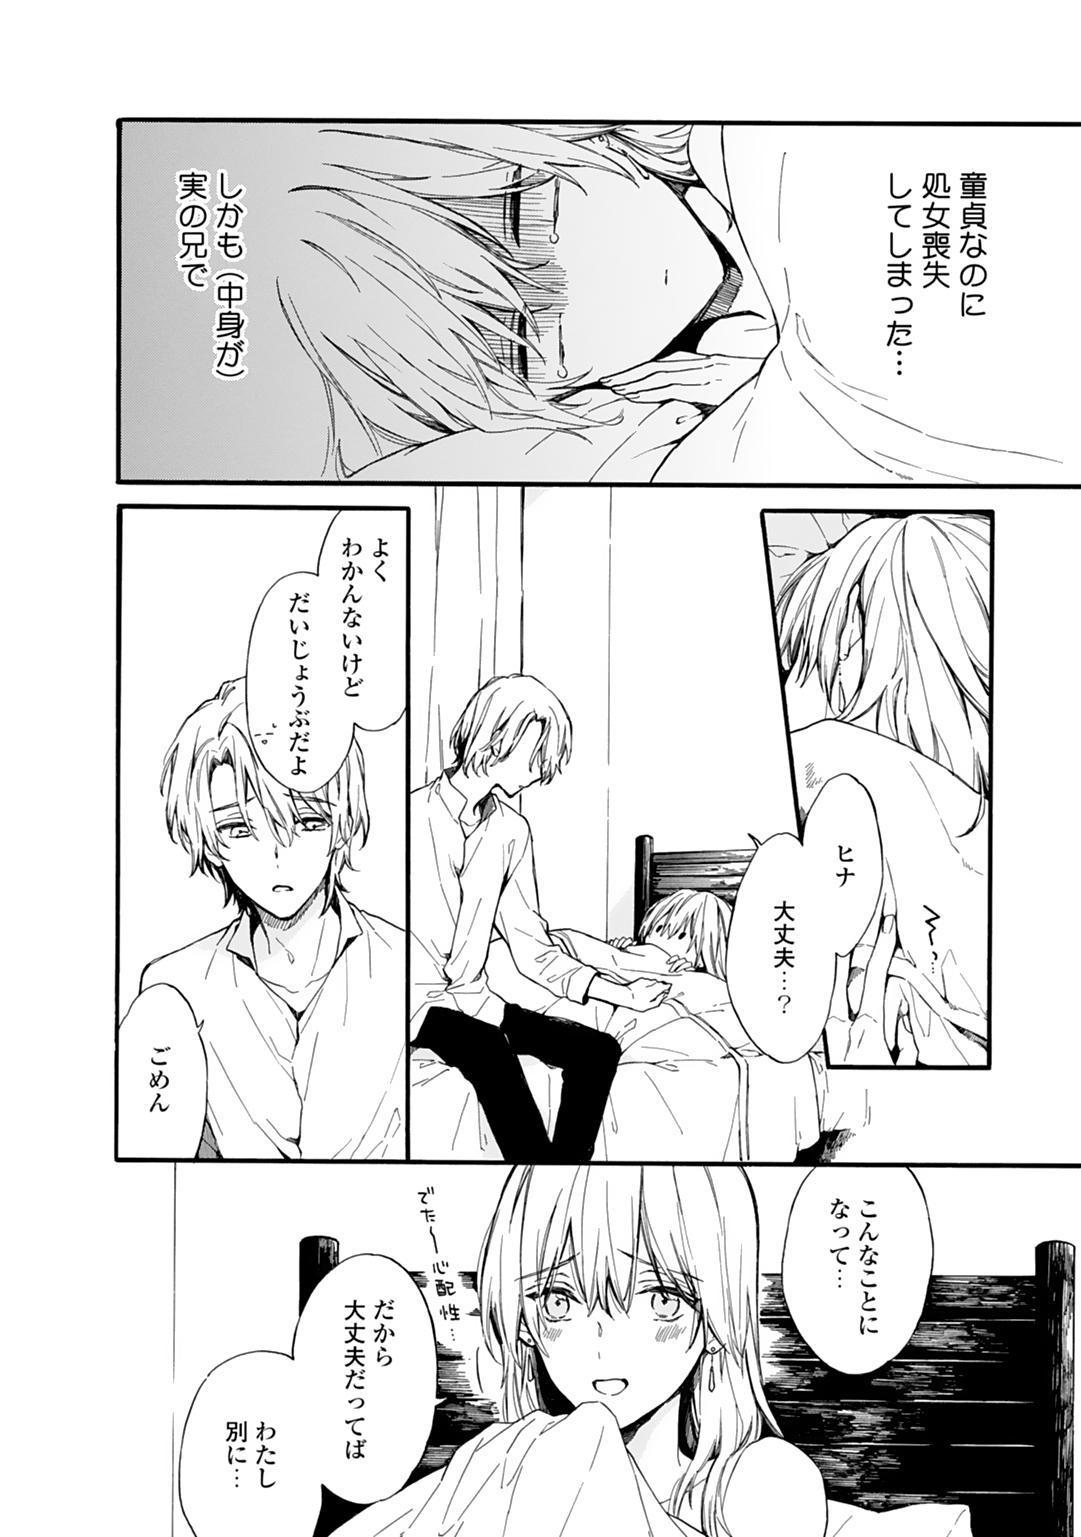 [Suzushiro Nerita] Otomege (18-kin) de Nyotaika shita Ore wa ~Clear Jouken wa Dekiai Ecchi!?~ 1-2 27